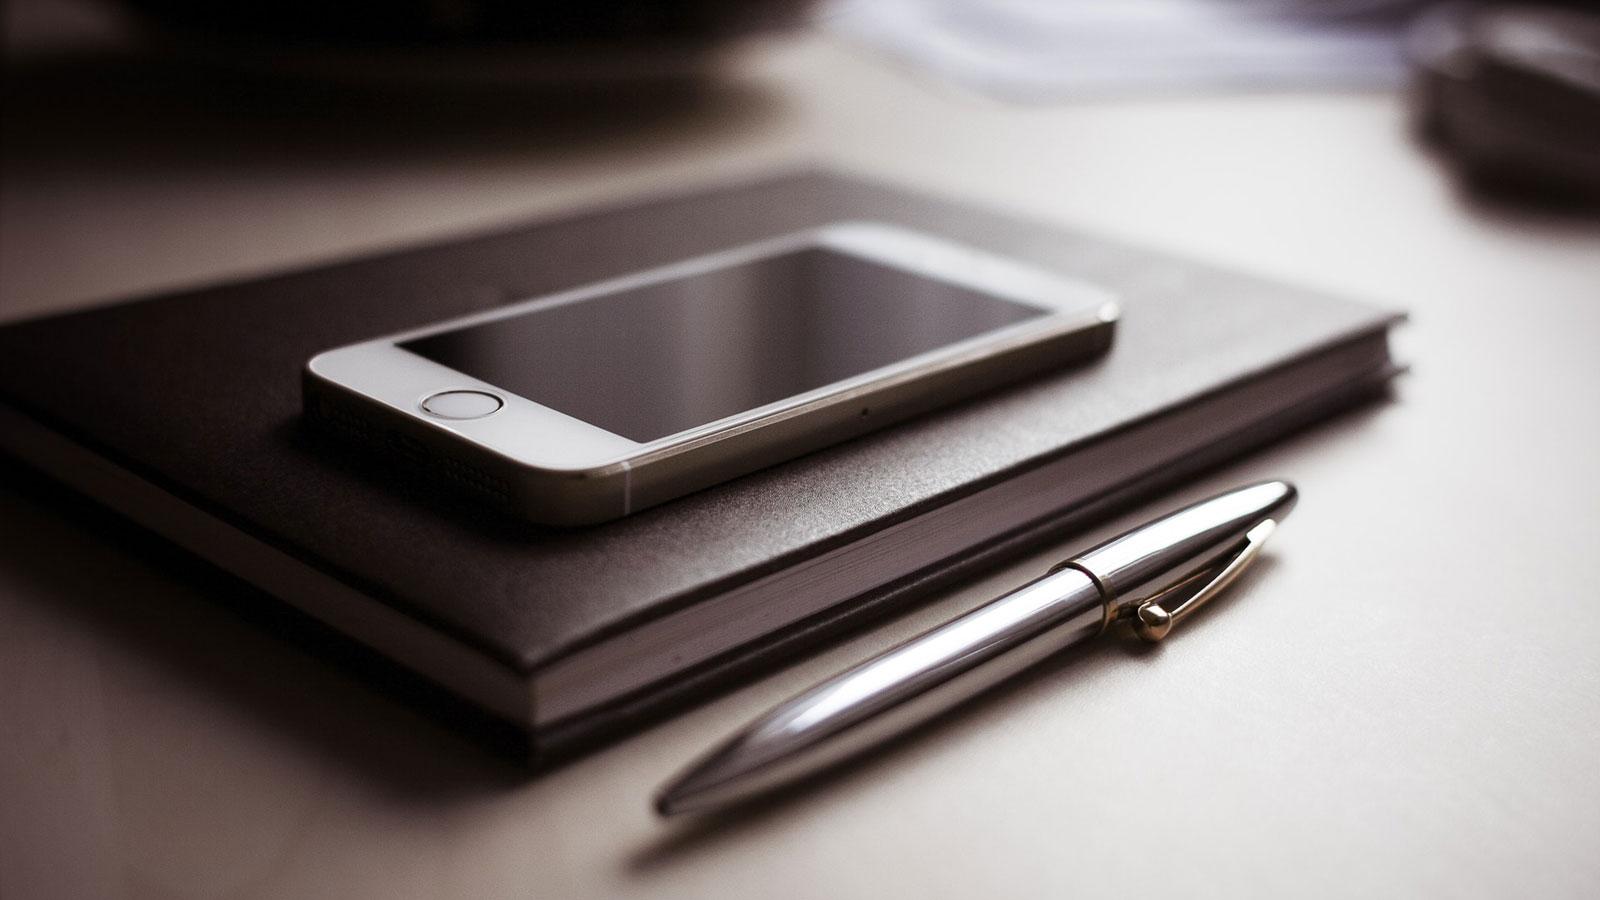 iPhone-Kalender: Gemeinsam nutzen oder öffentlich freigeben